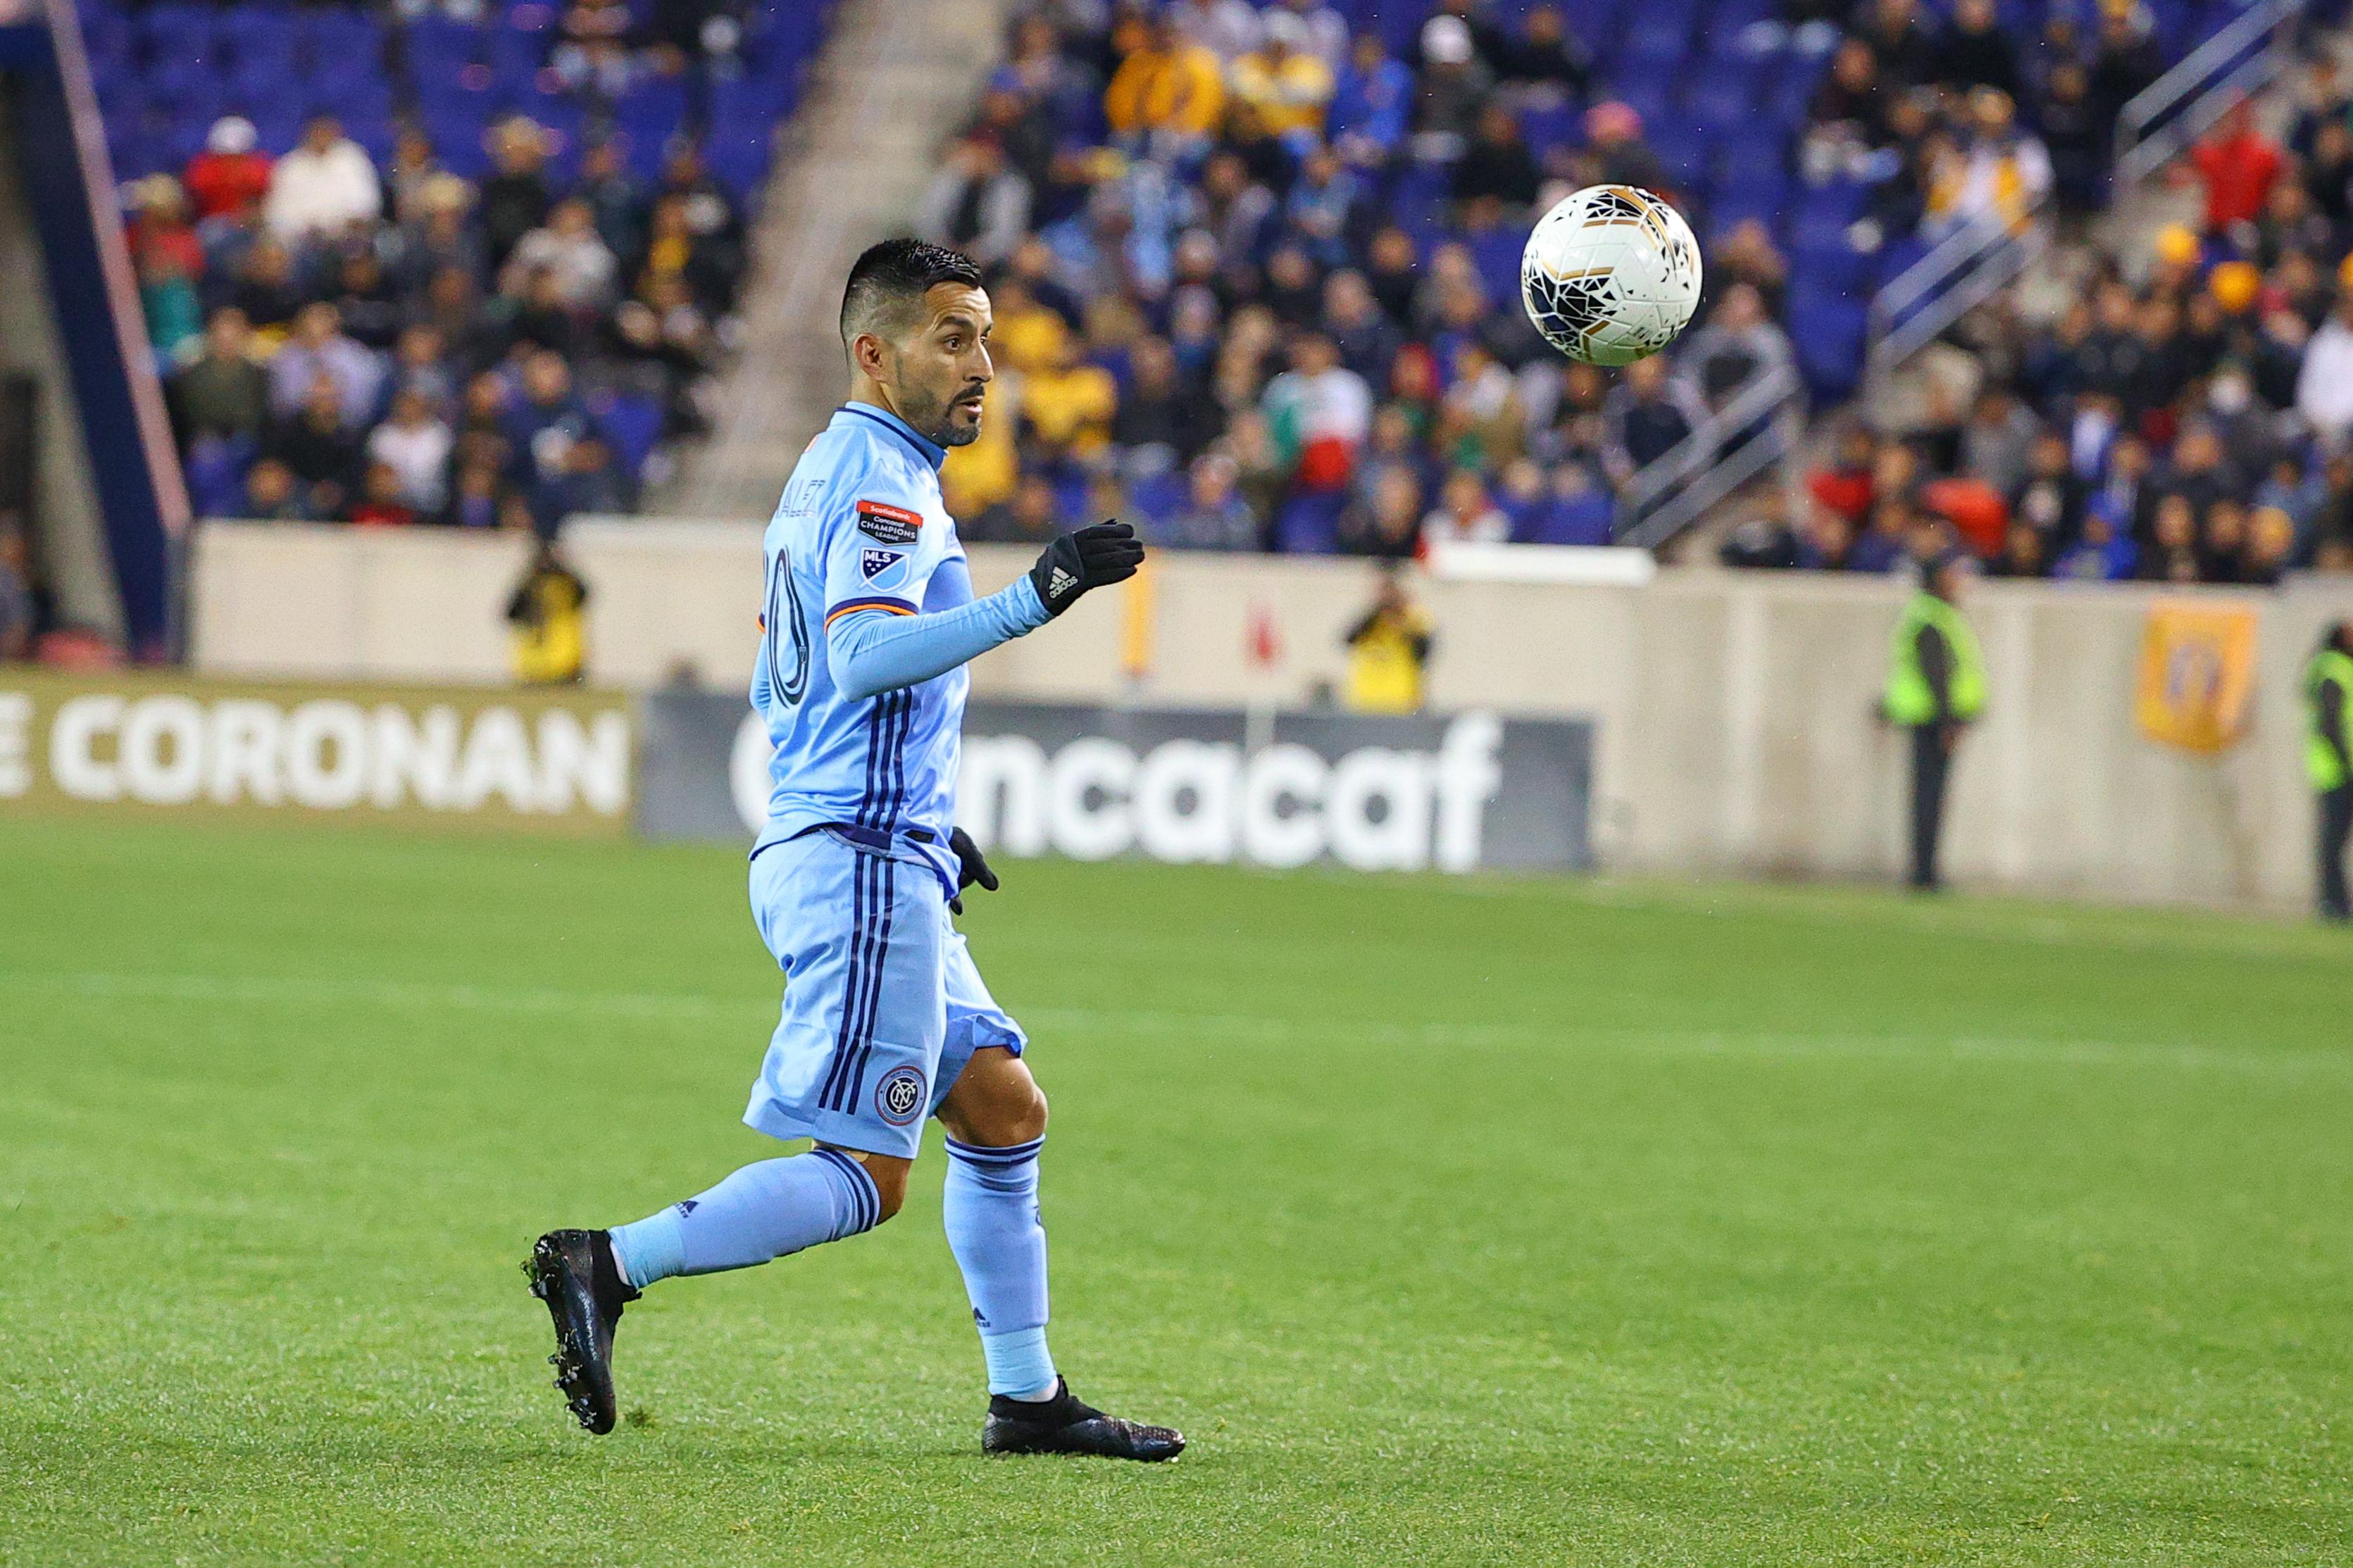 SOCCER: MAR 11 Concacaf Champions League Quarterfinal - New York City FC v Tigres UANL